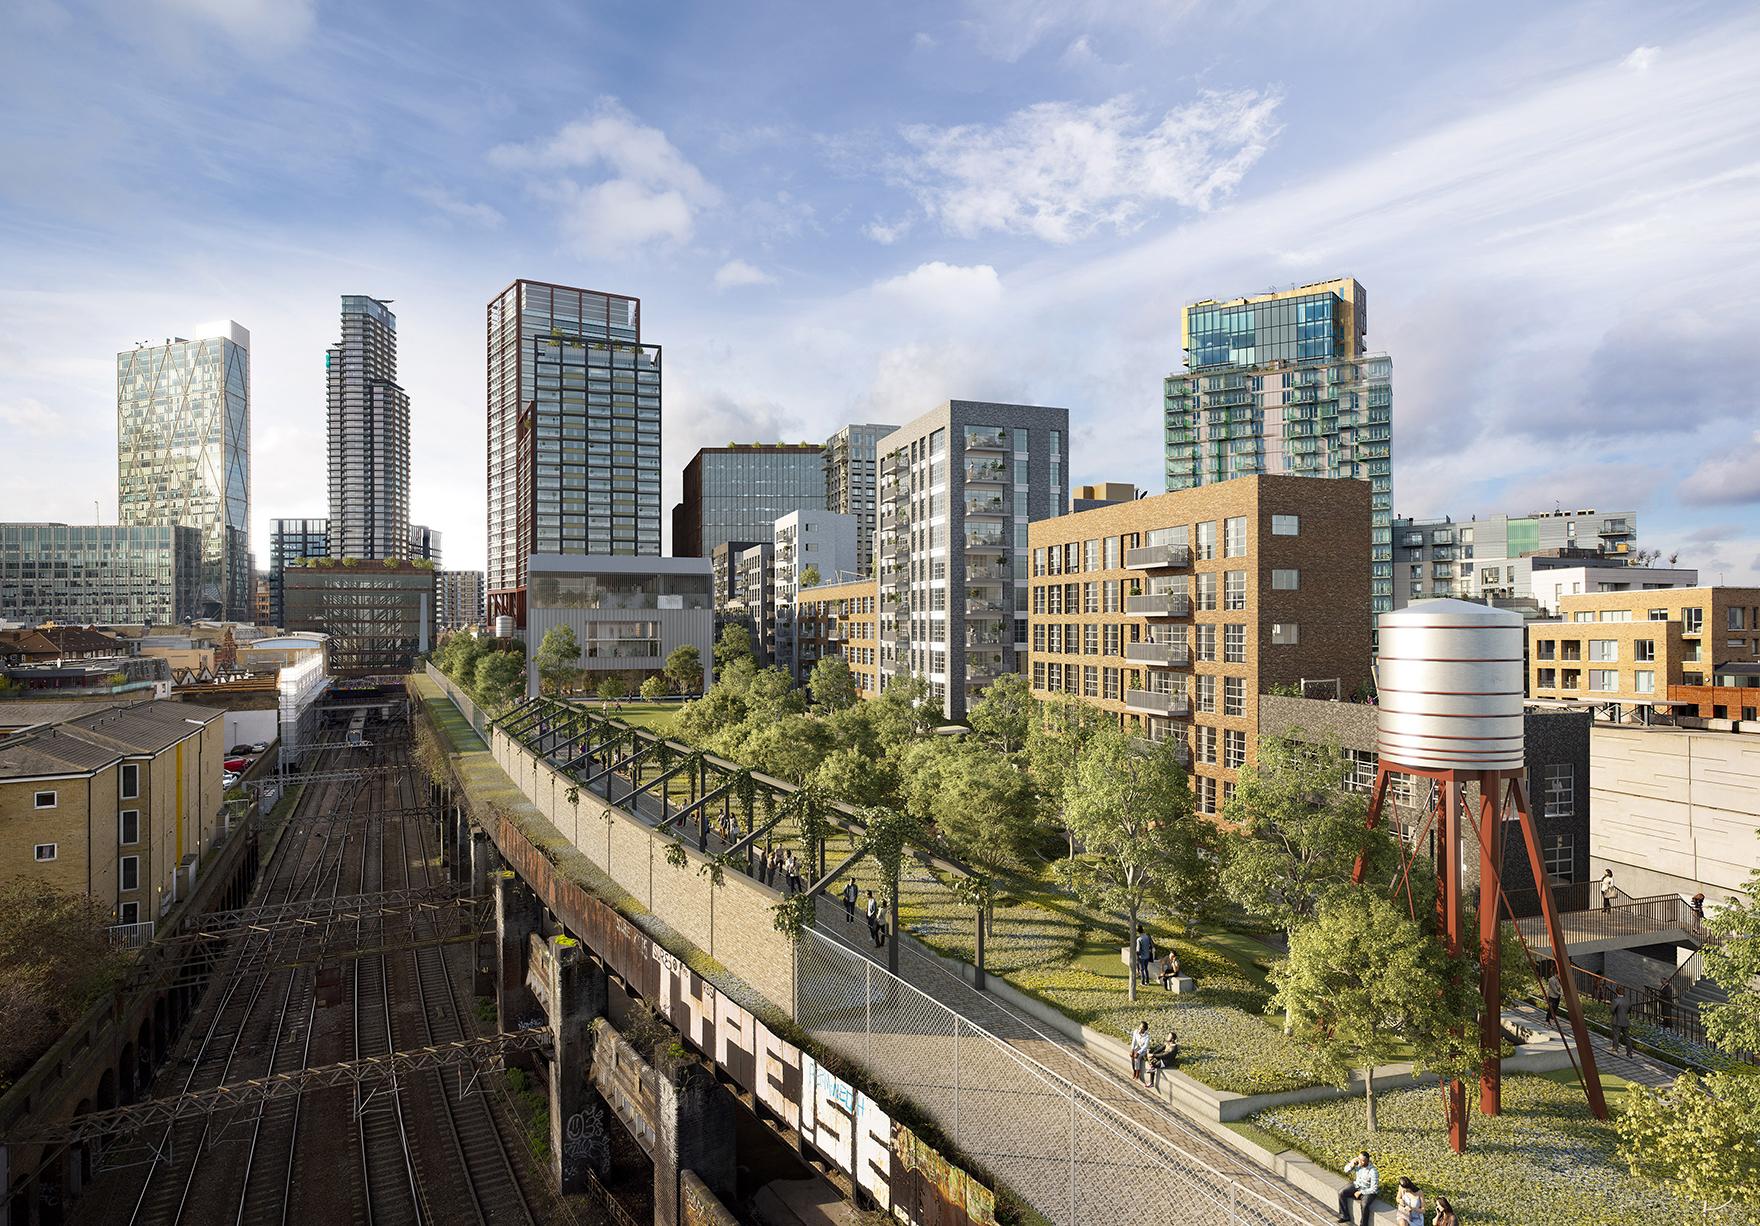 Bishopsgate Goodsyard Shoreditch London Mixed Use Masterplan Aerial Visual Lh